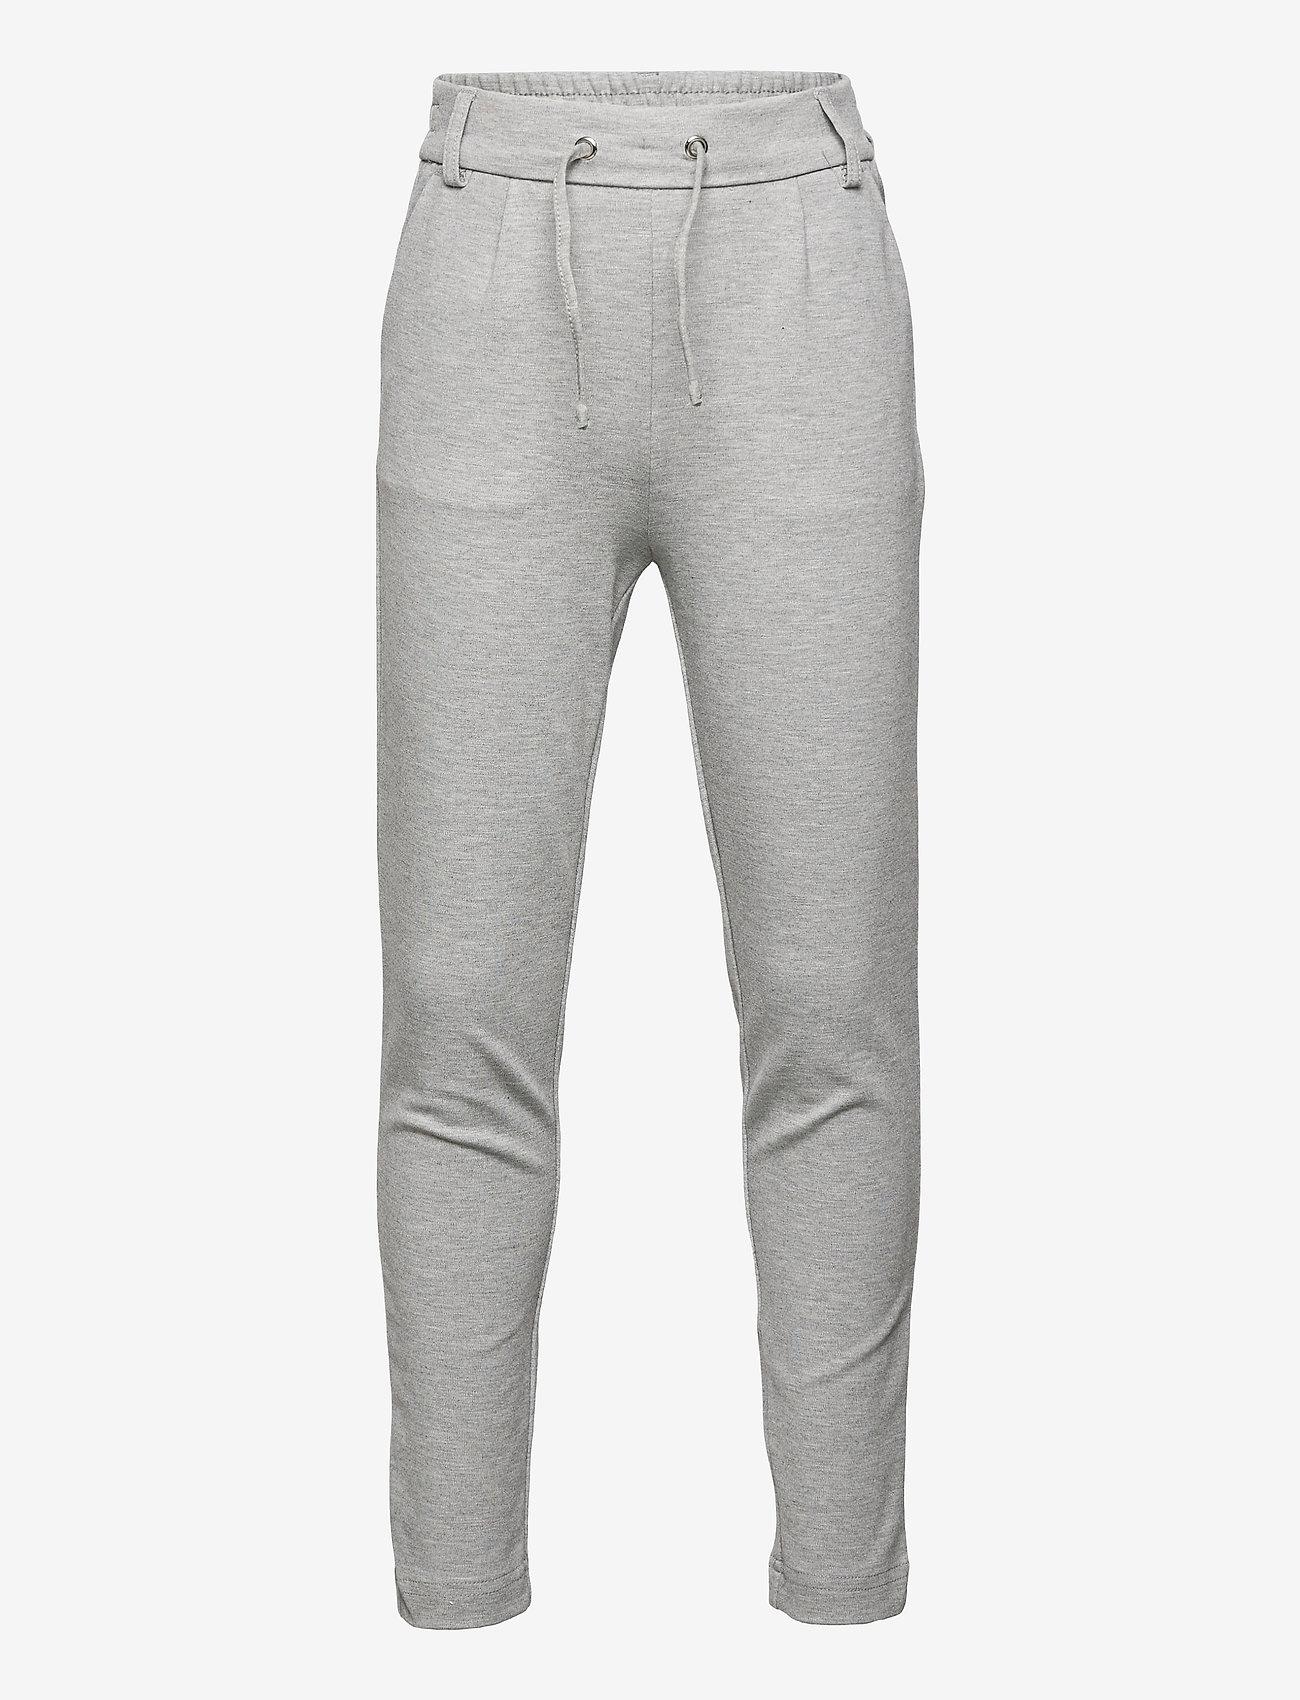 Kids Only - KONPOPTRASH EASY PANT PNT NOOS - jogginghosen - light grey melange - 0